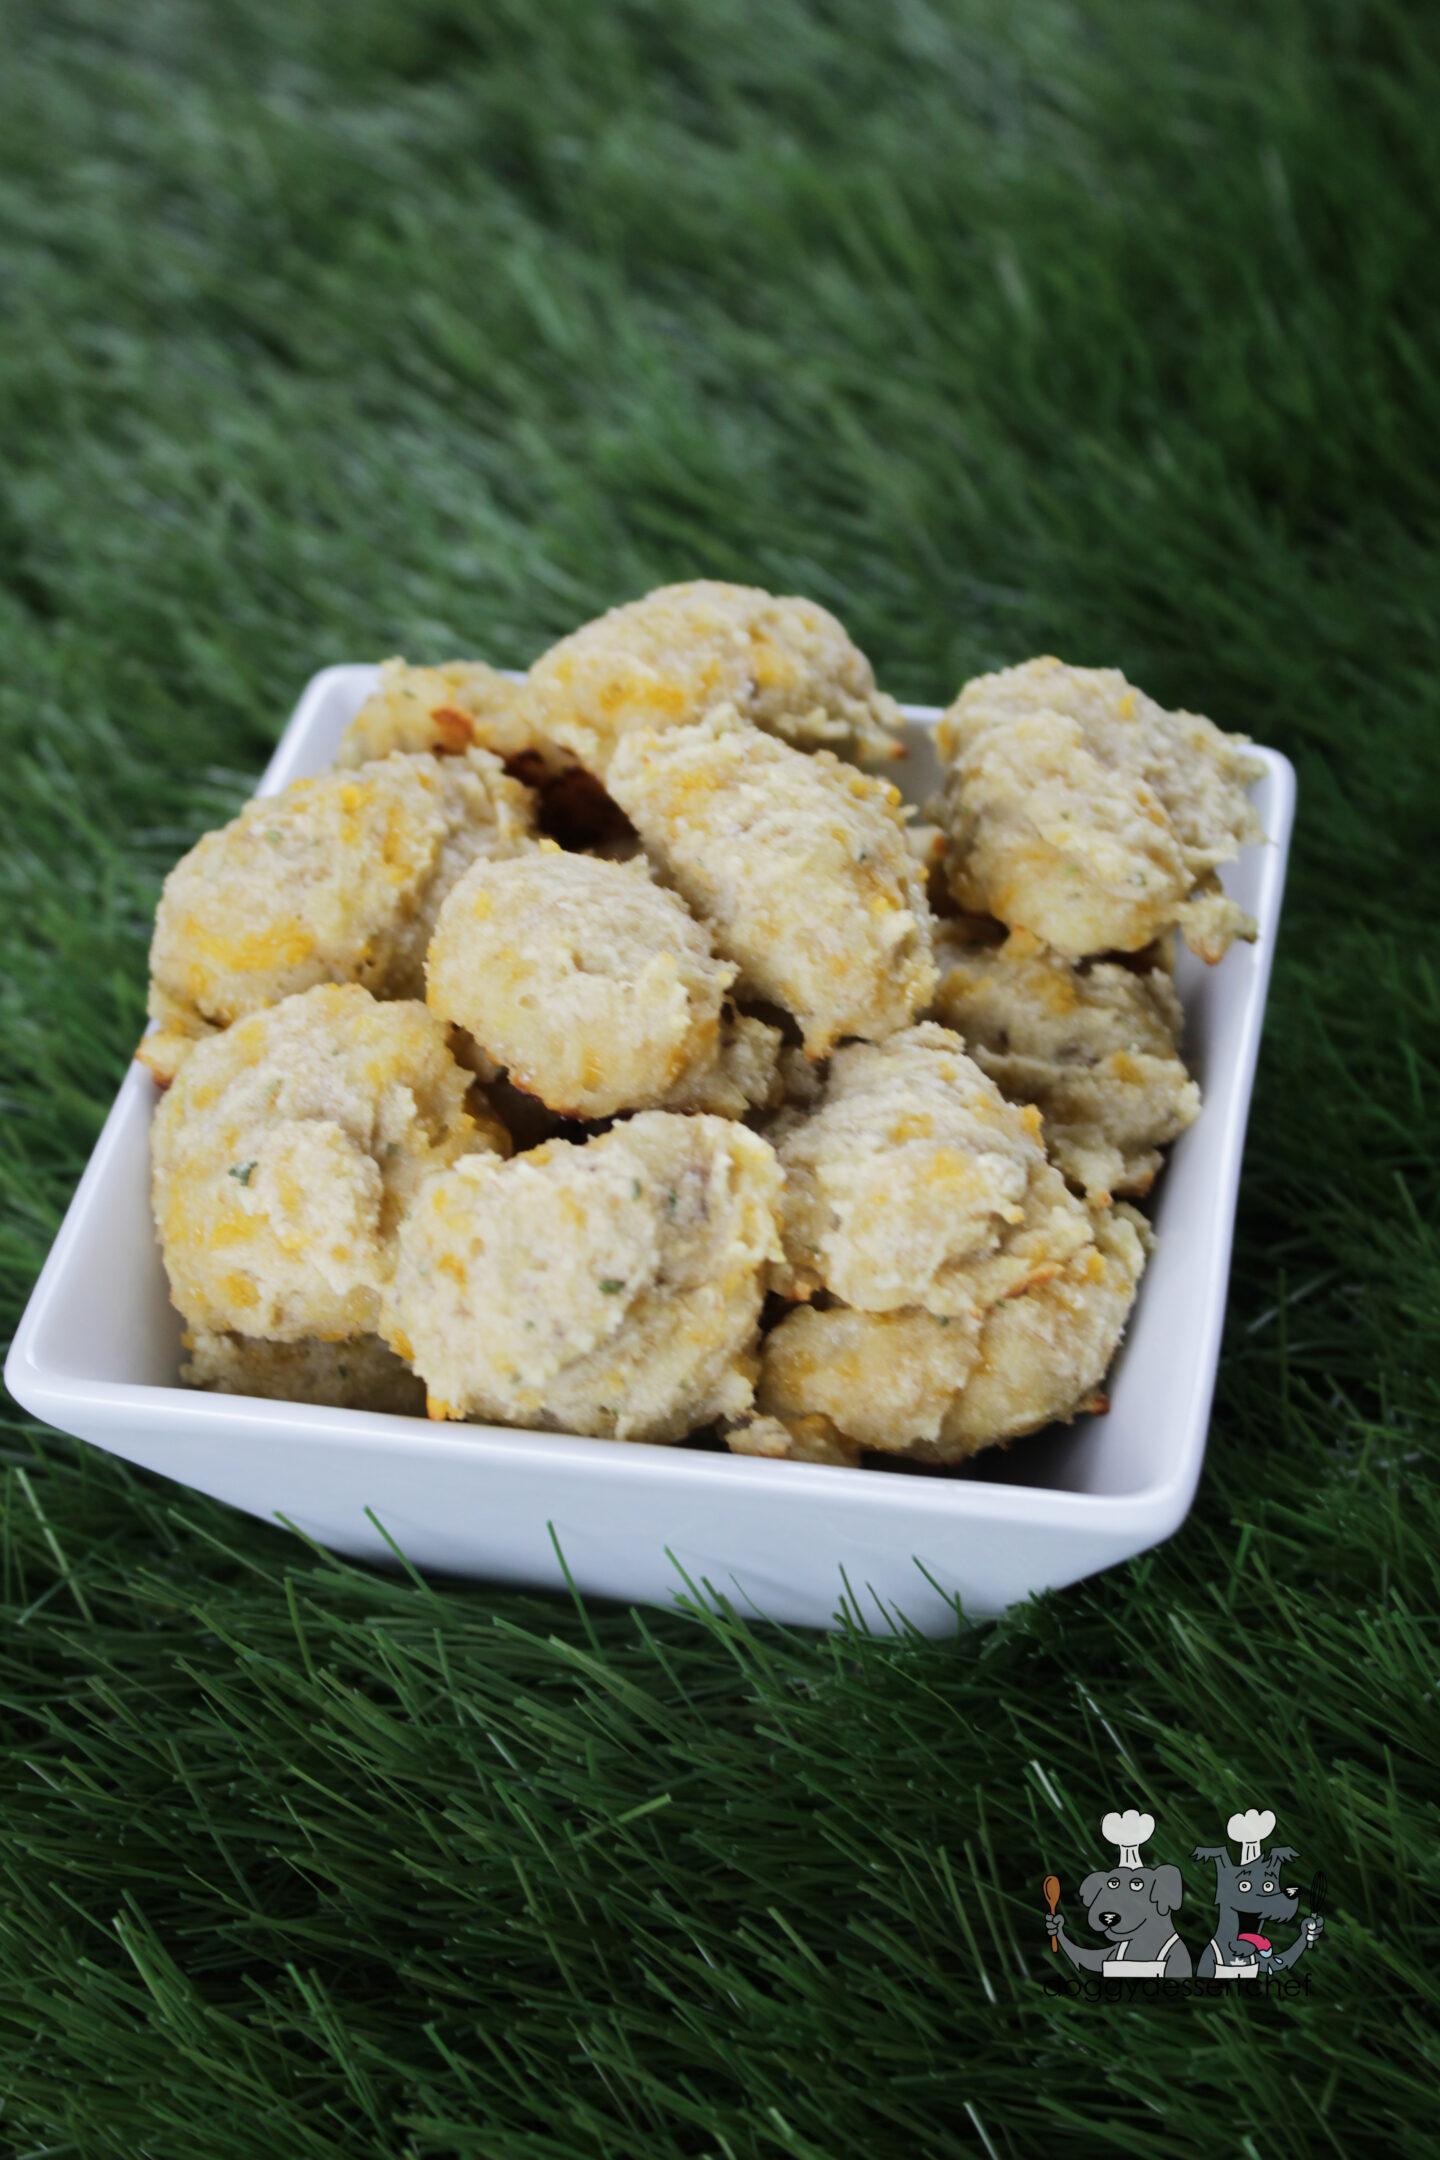 cheesy bananas dog treat recipe